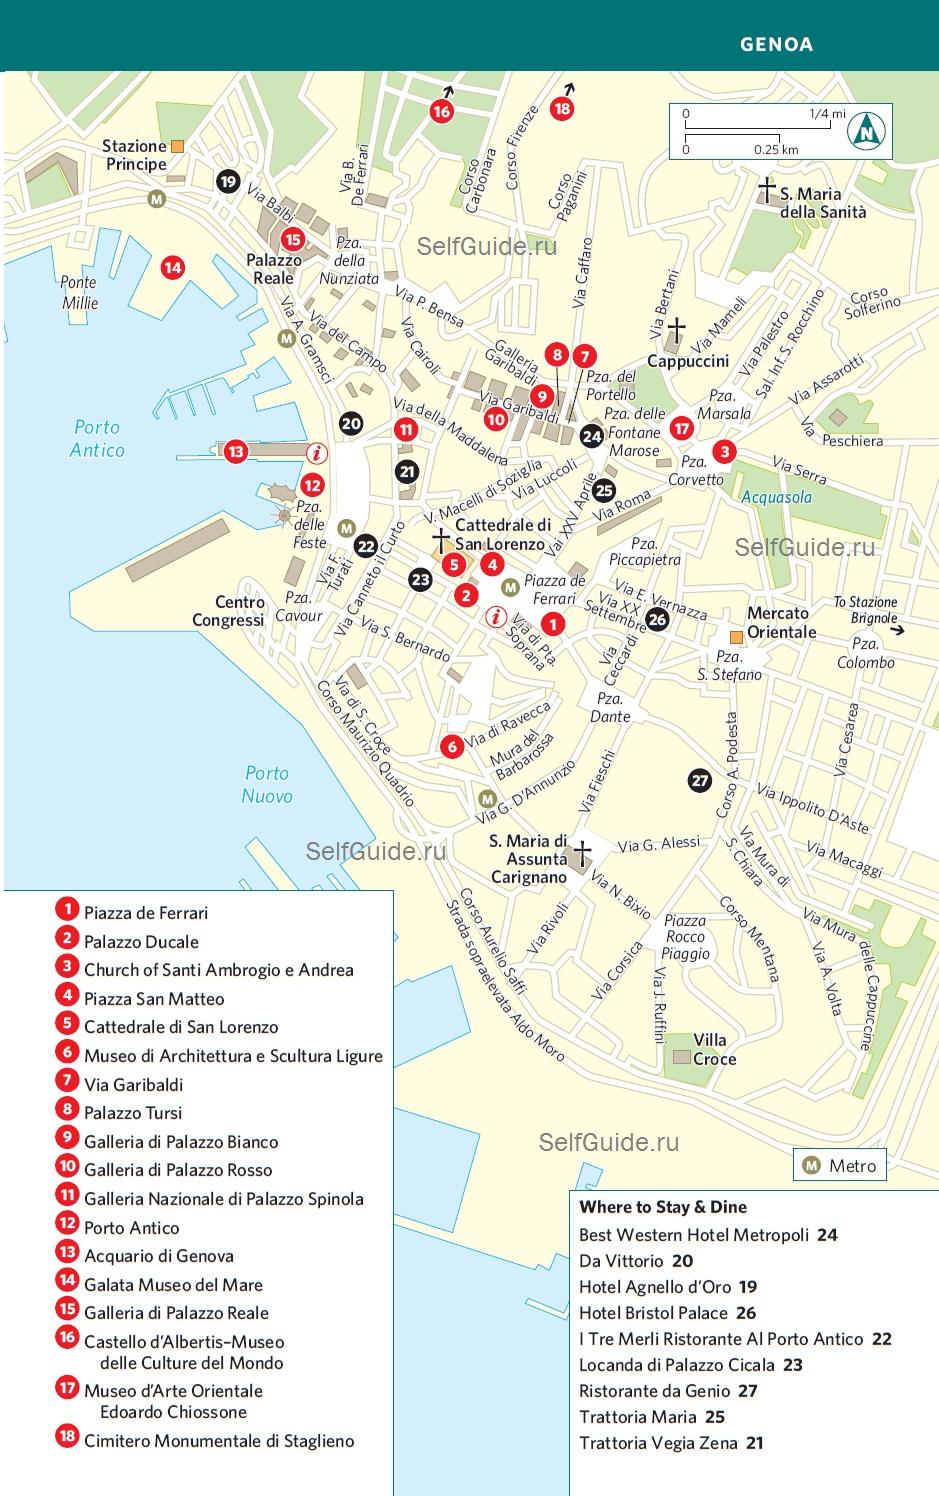 Туристическая карта в Генуи Генуя (Genua), Лигурия, Италия - достопримечательности, туристический маршрут с картой, путеводитель по Генуе ти Италии. Расписание транспорта в Генуе.